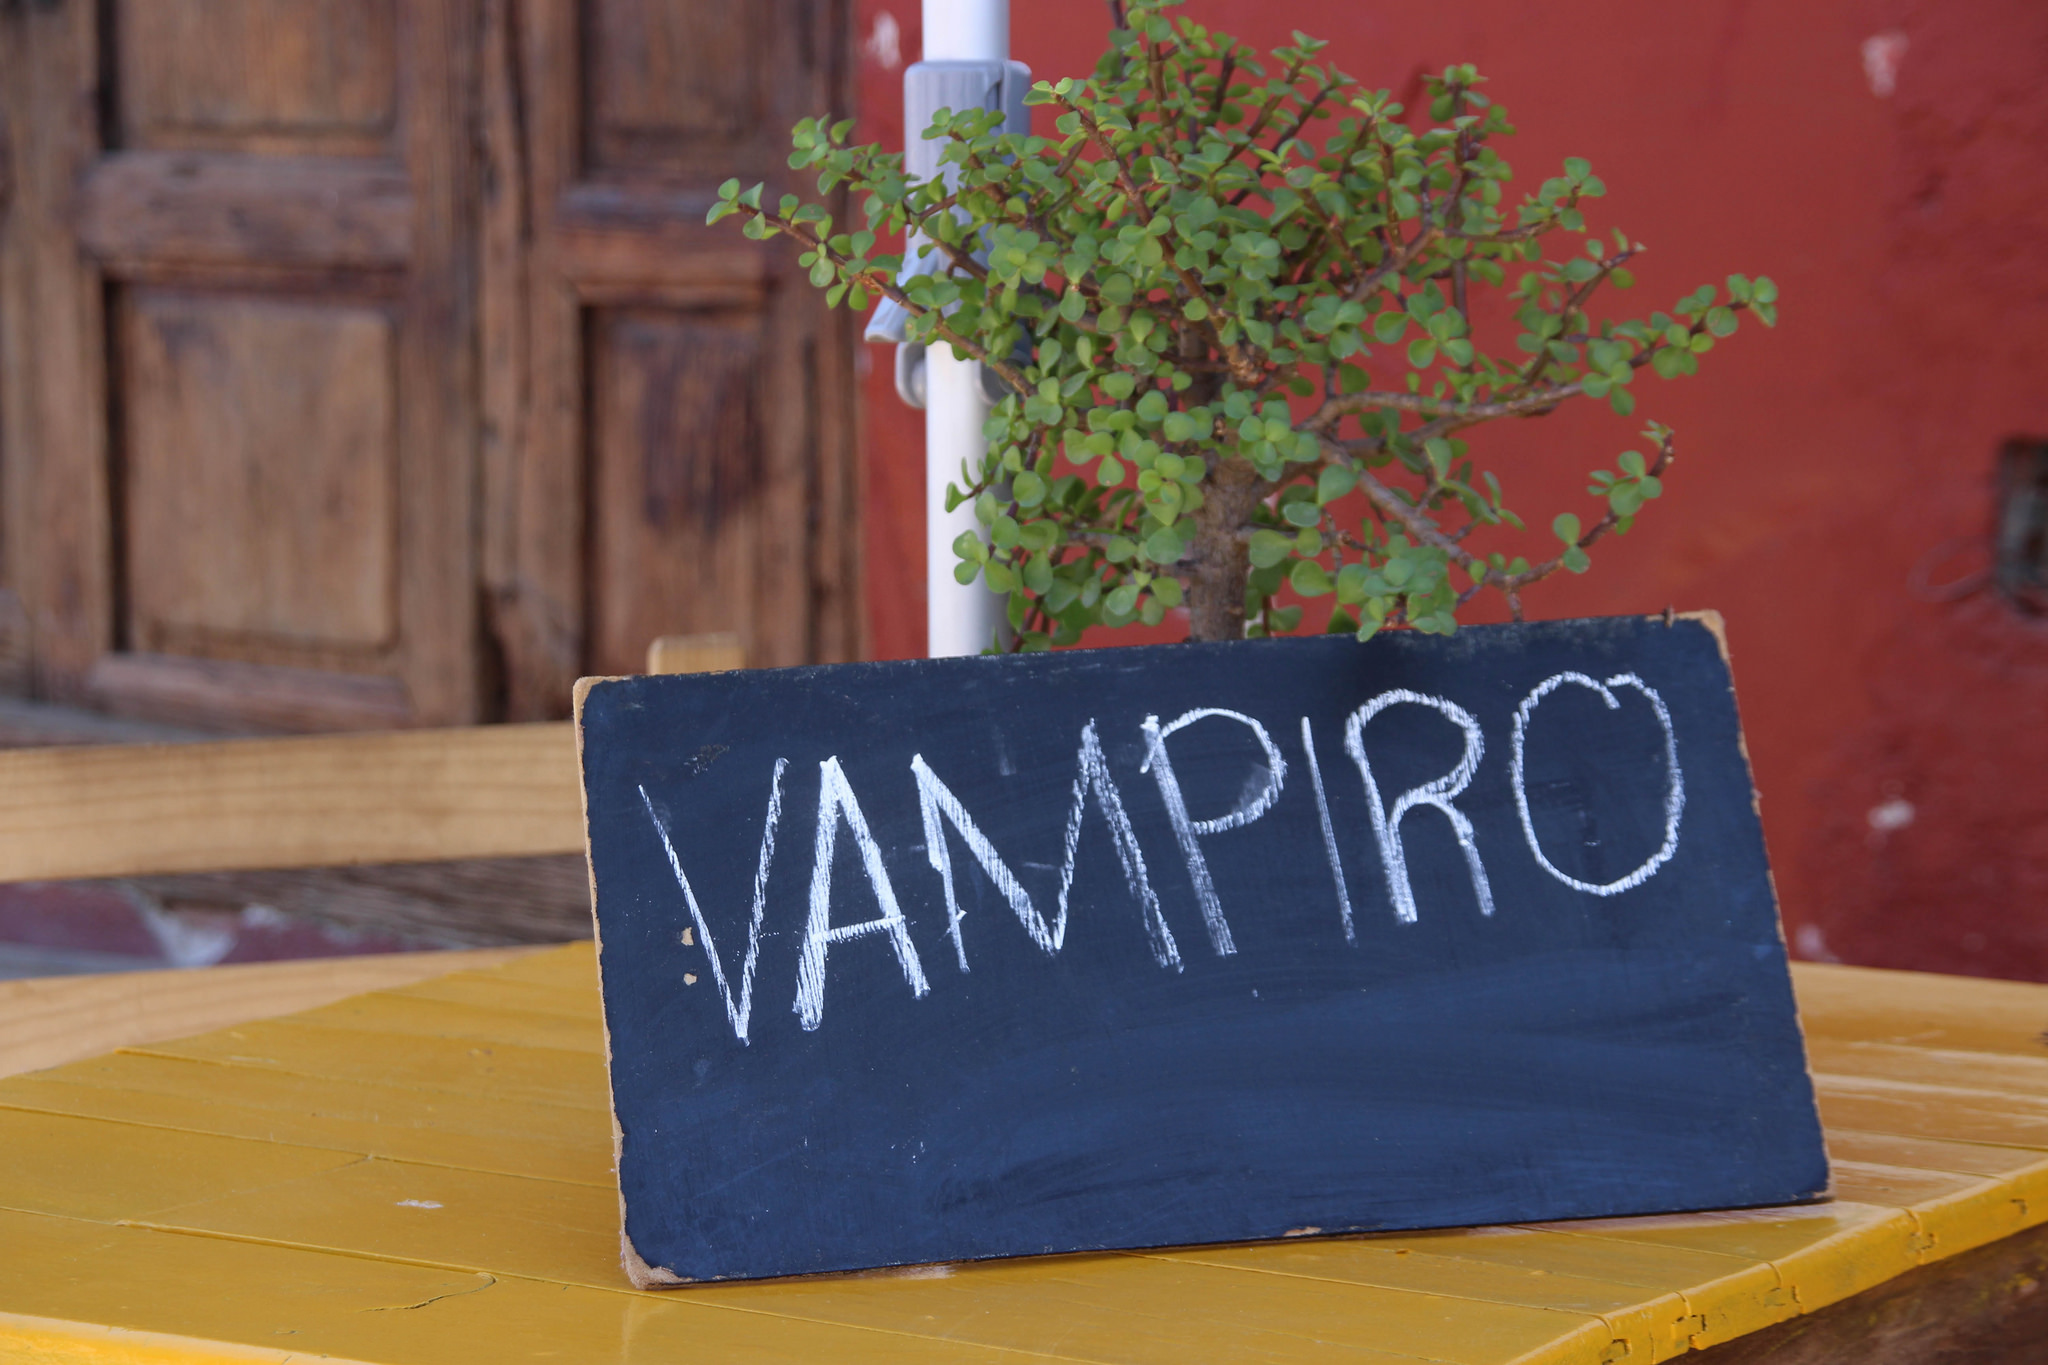 A sign advertising vampiros | © Gildardo Sánchez/Flickr